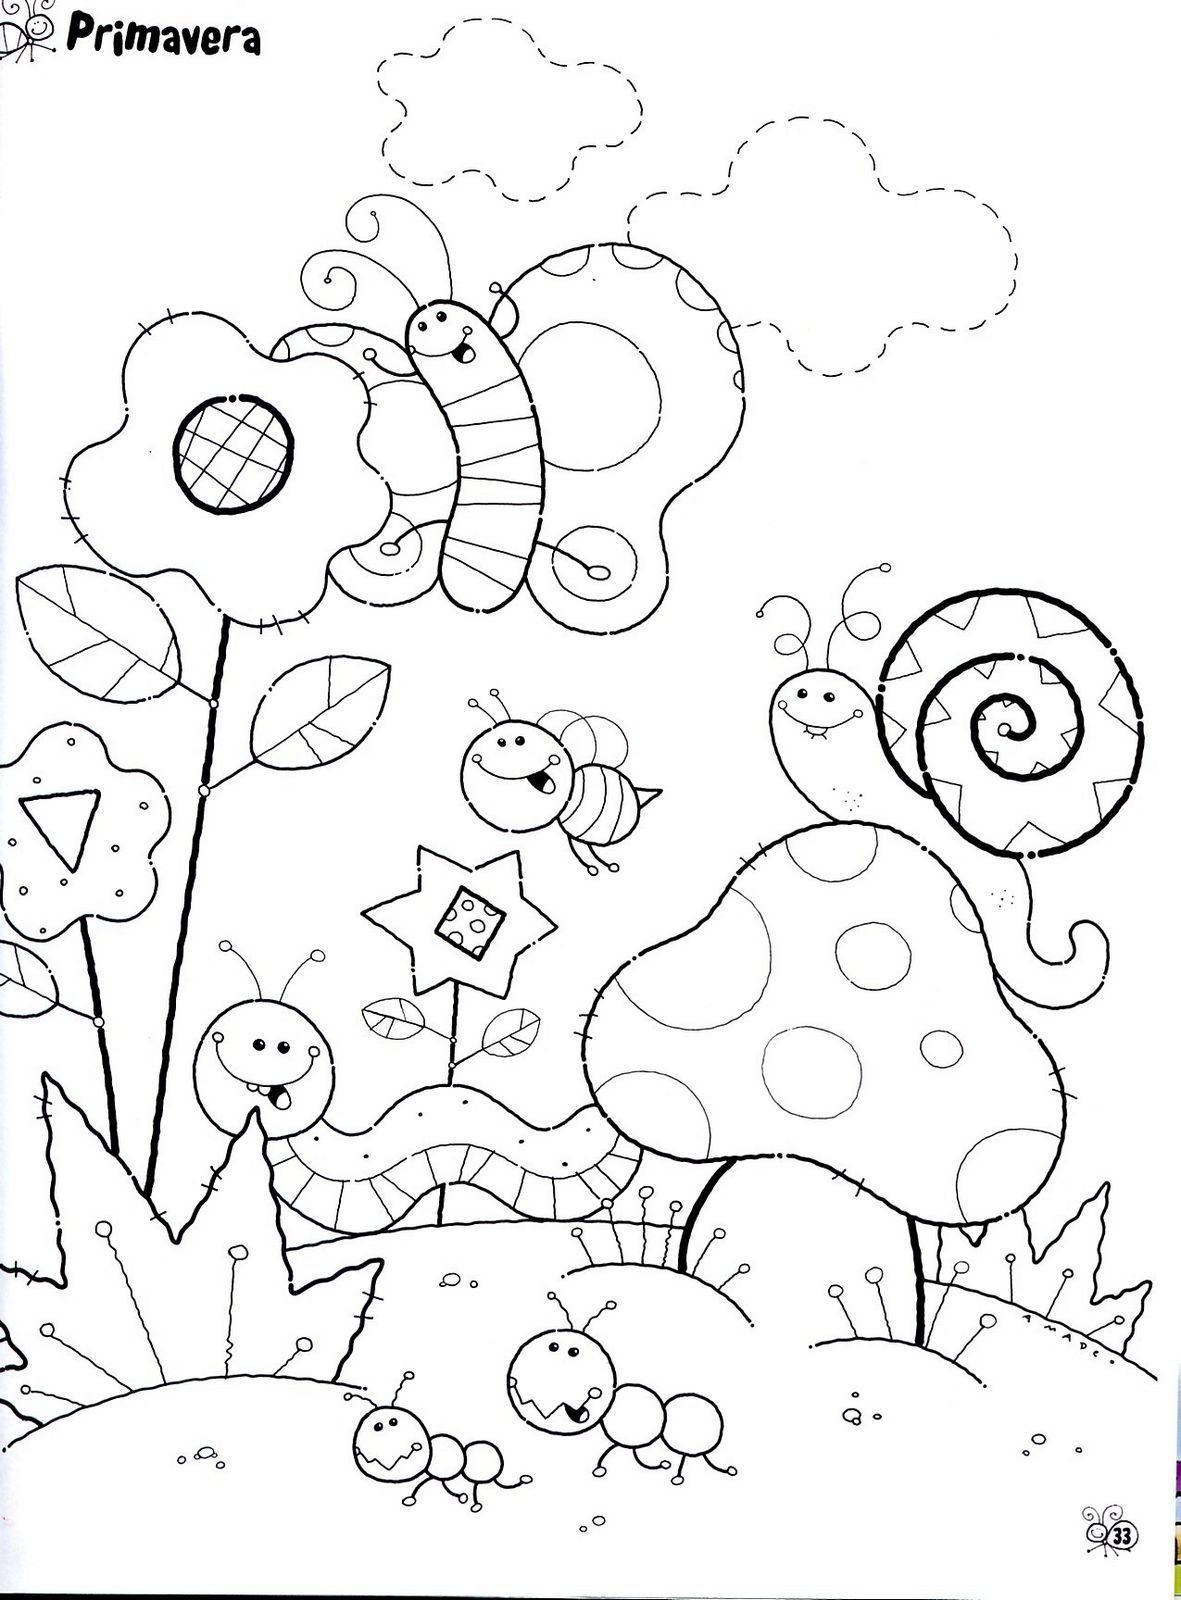 Atividades Para Colorir Sobre A Primavera 23 De Setembro With